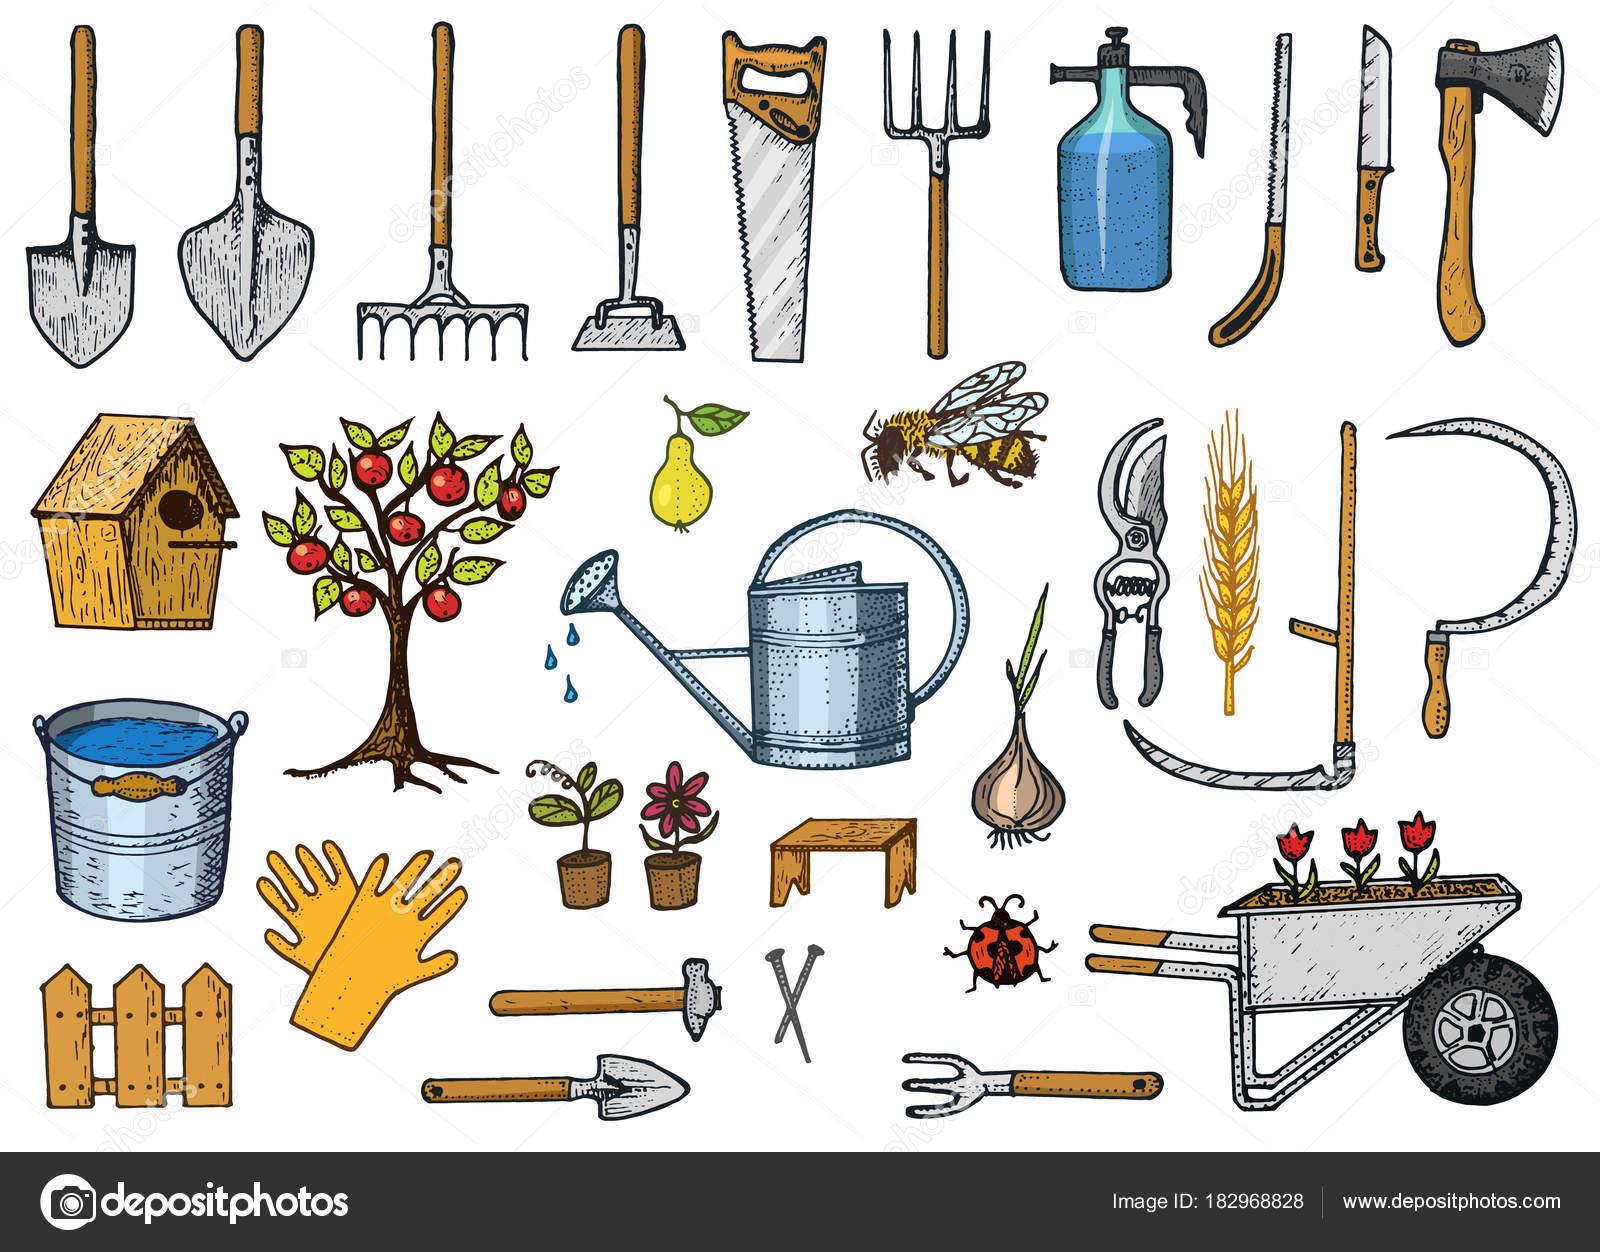 Beautiful outil de jardinage jeux images amazing house for Outil de conception jardin